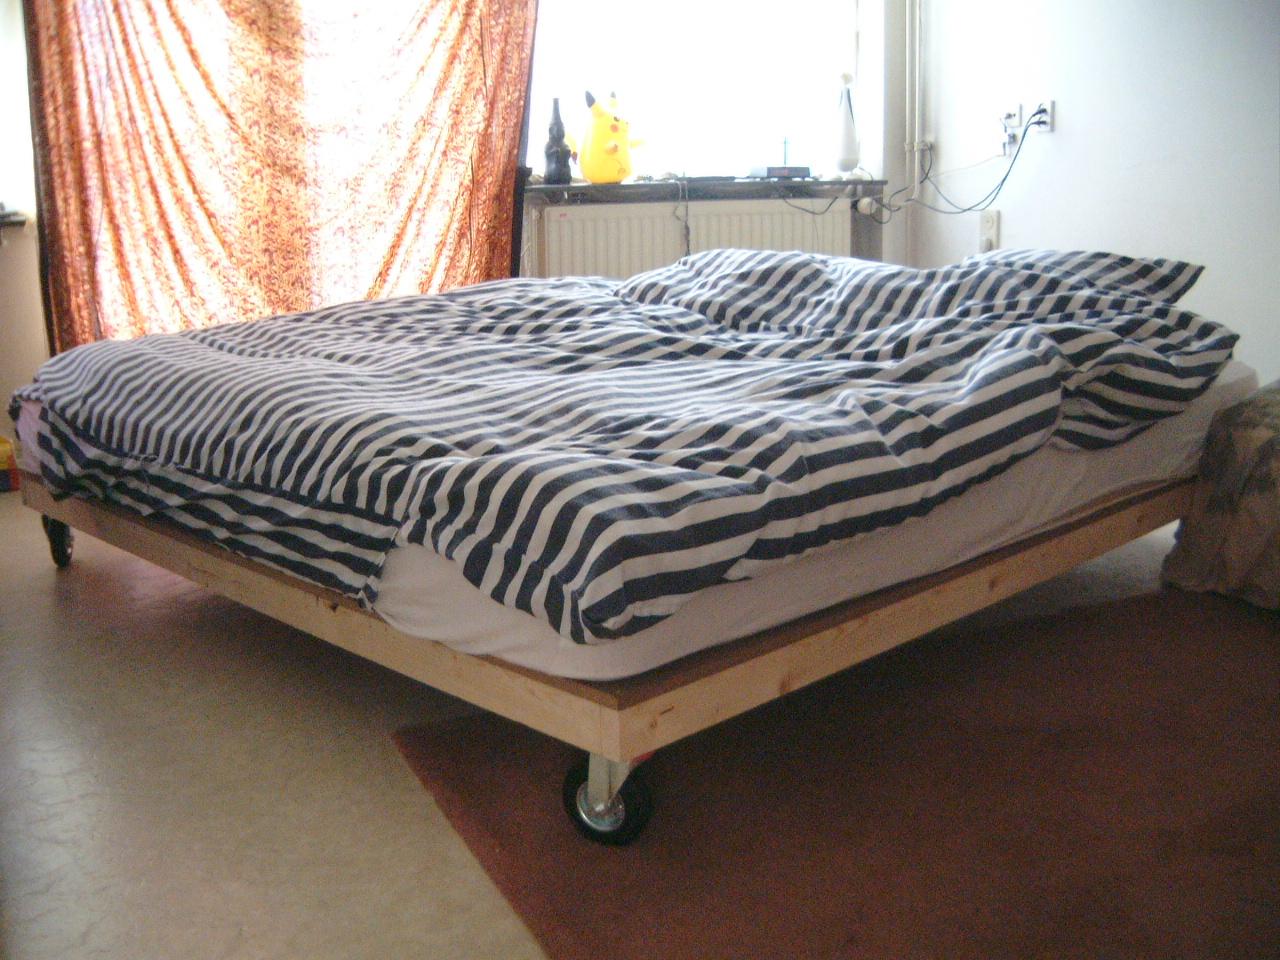 maartent bed on wheels bedroom